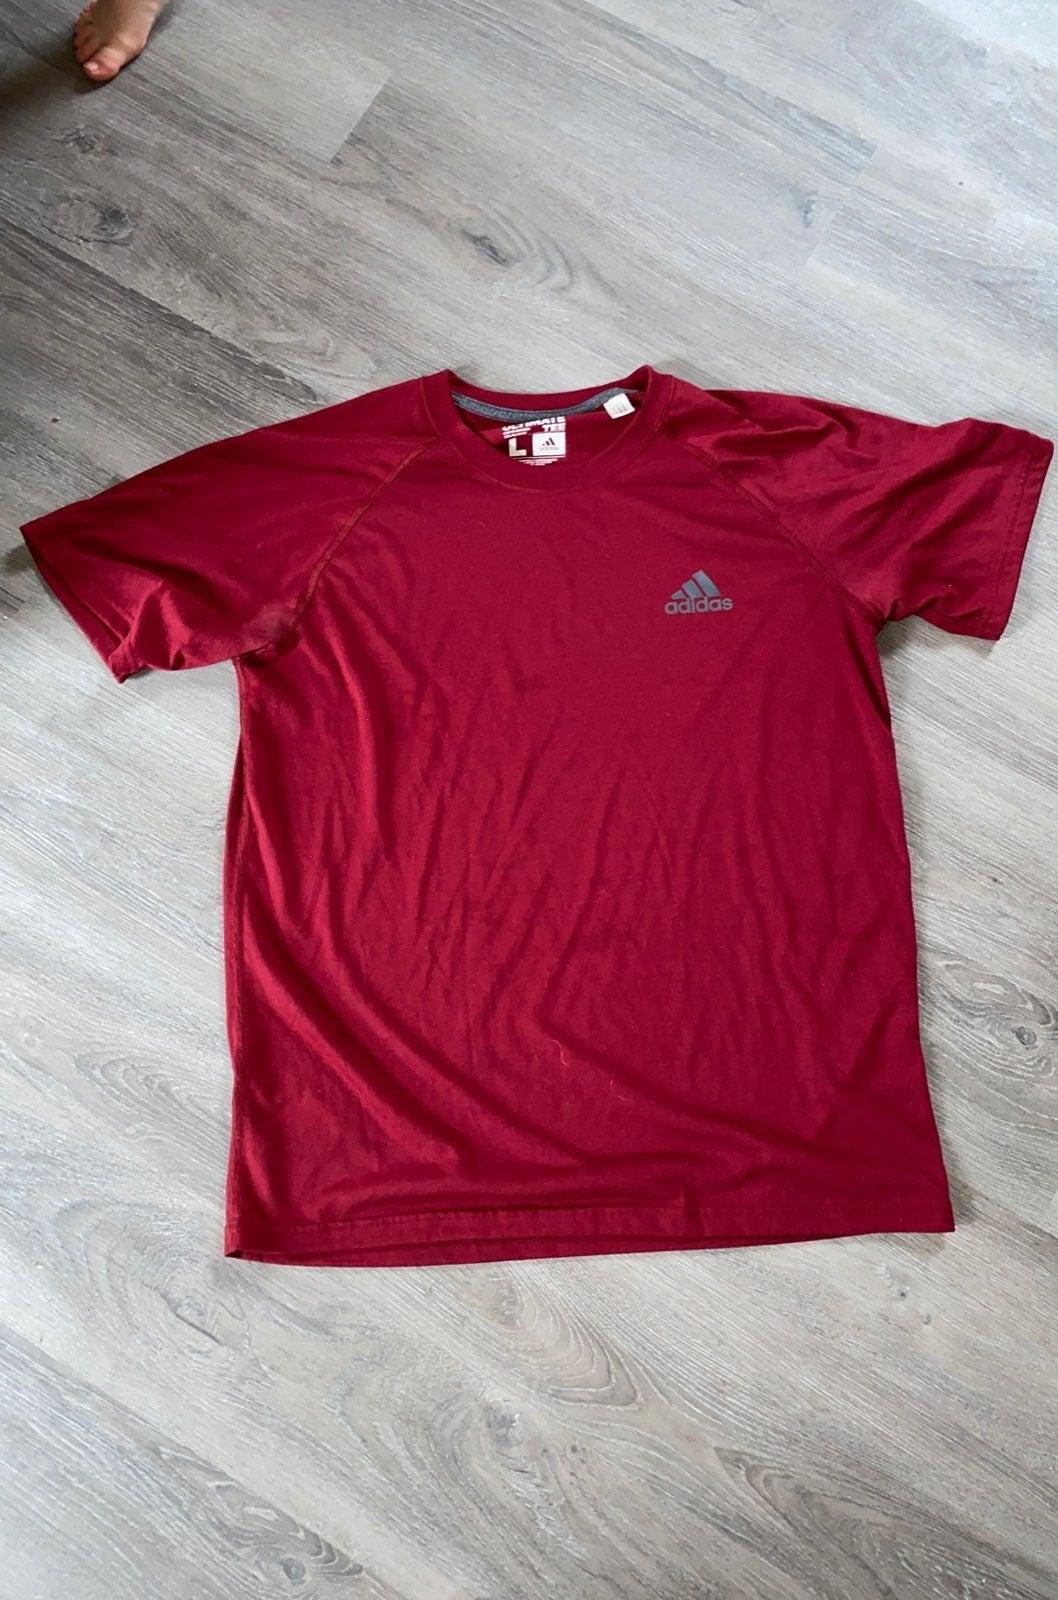 Large mens Adidas Shirt